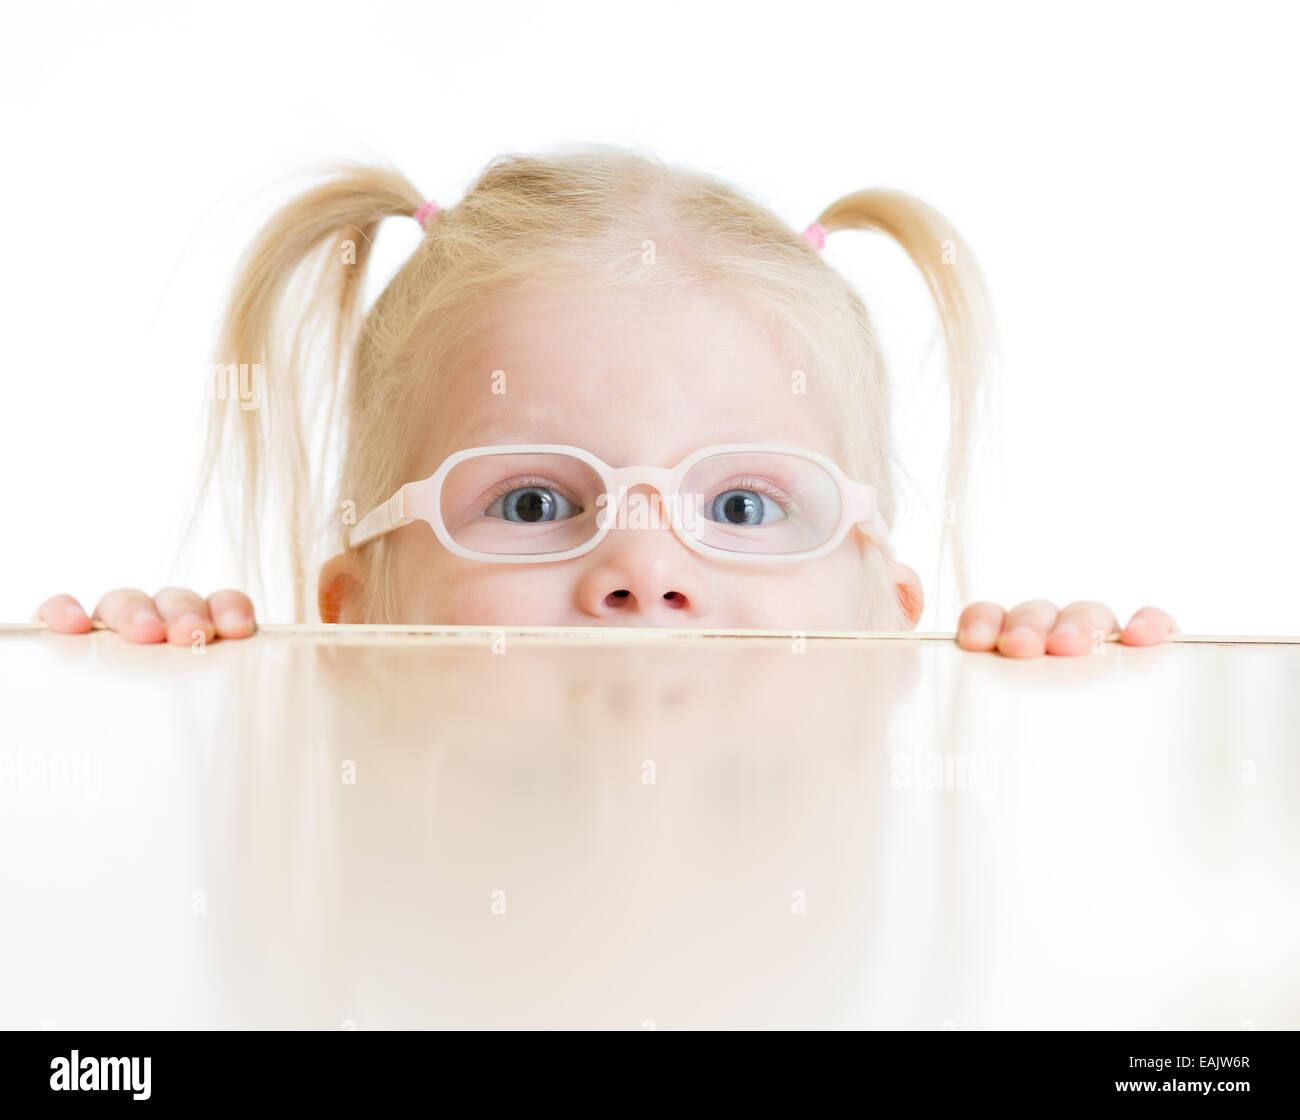 Verängstigte Kind oder Kind in Brille spielen isoliert Stockfoto